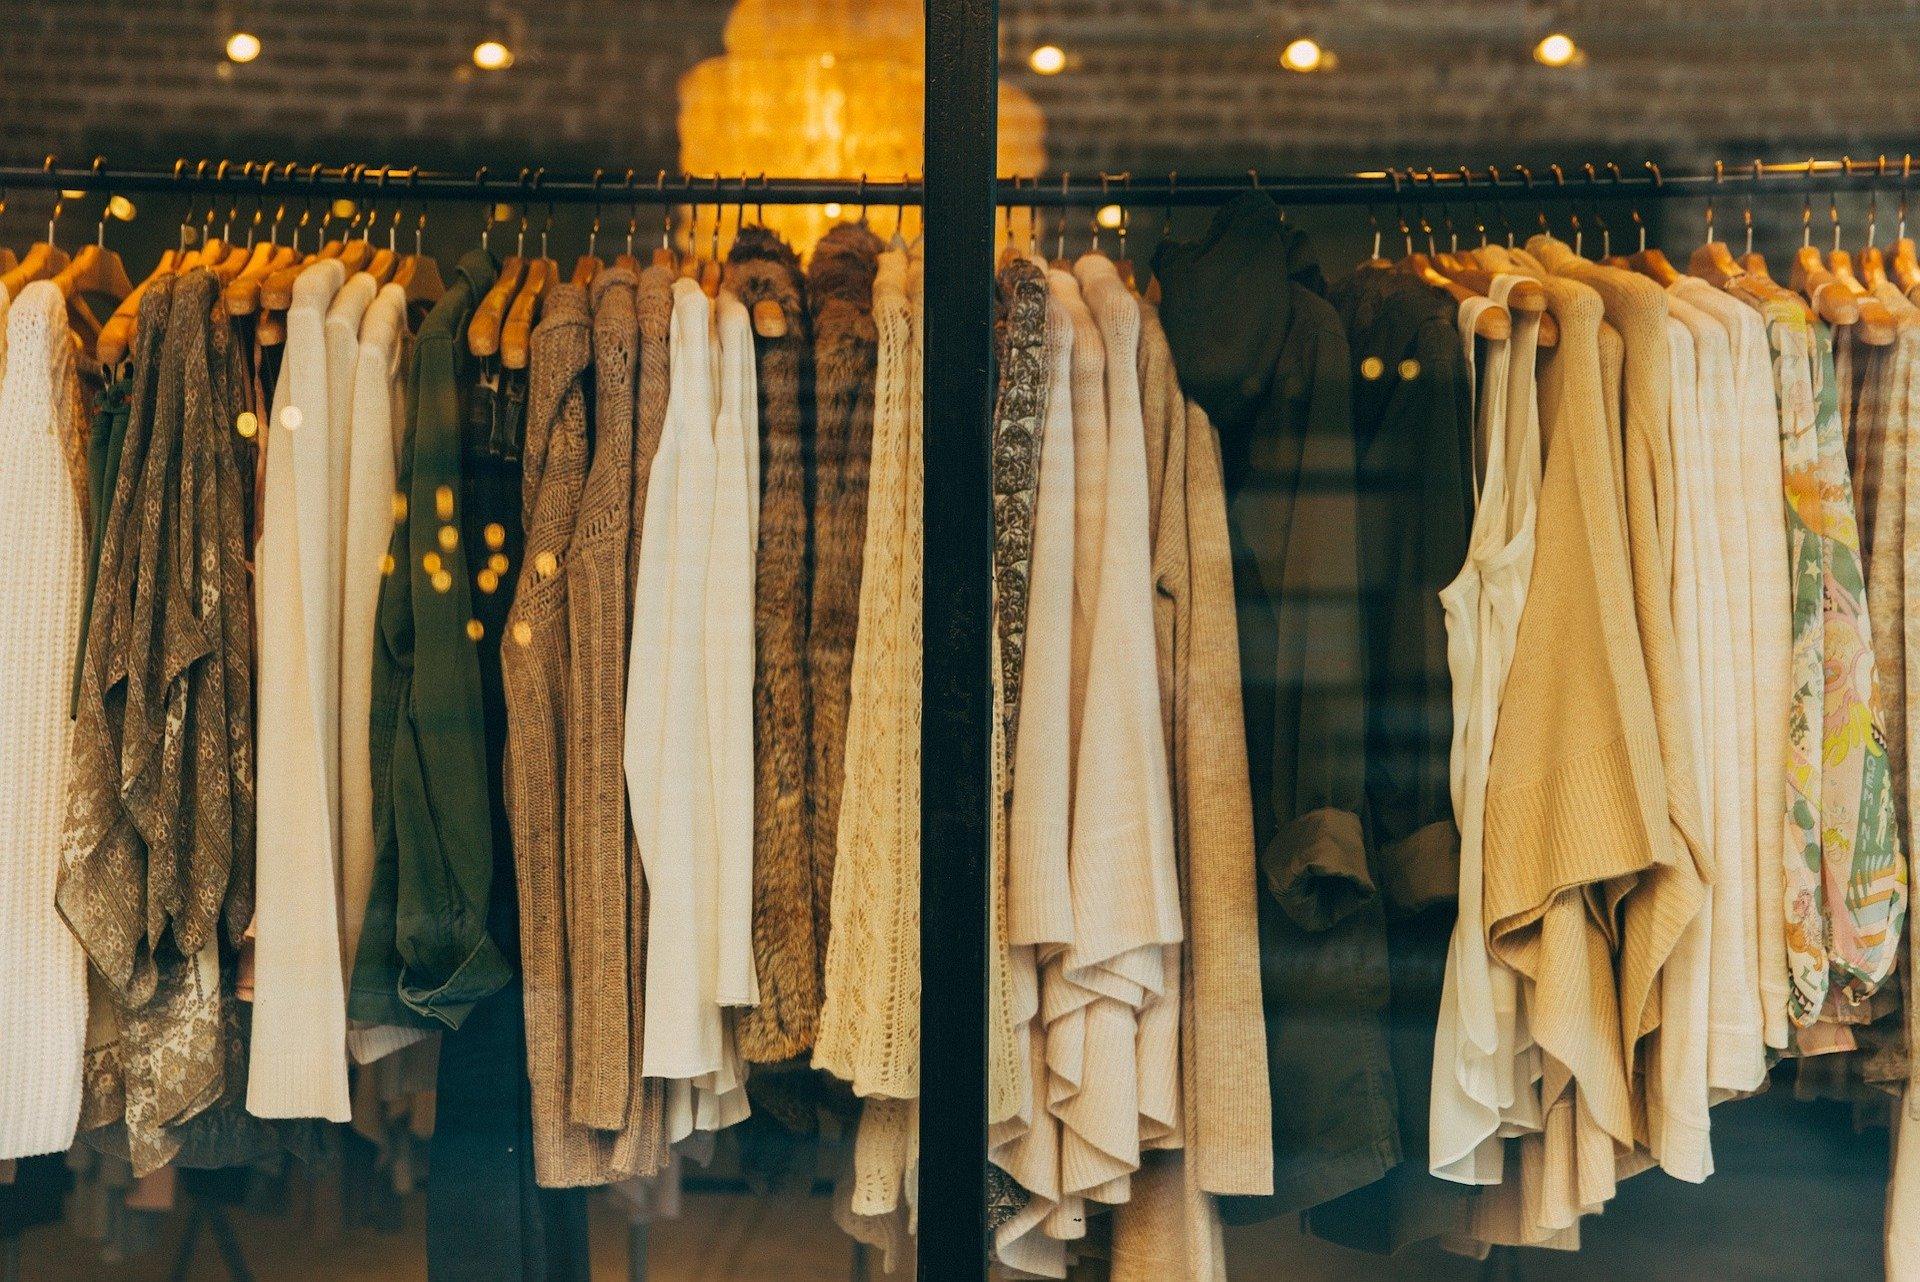 Les box de vêtements, sélection de trois marques tendances